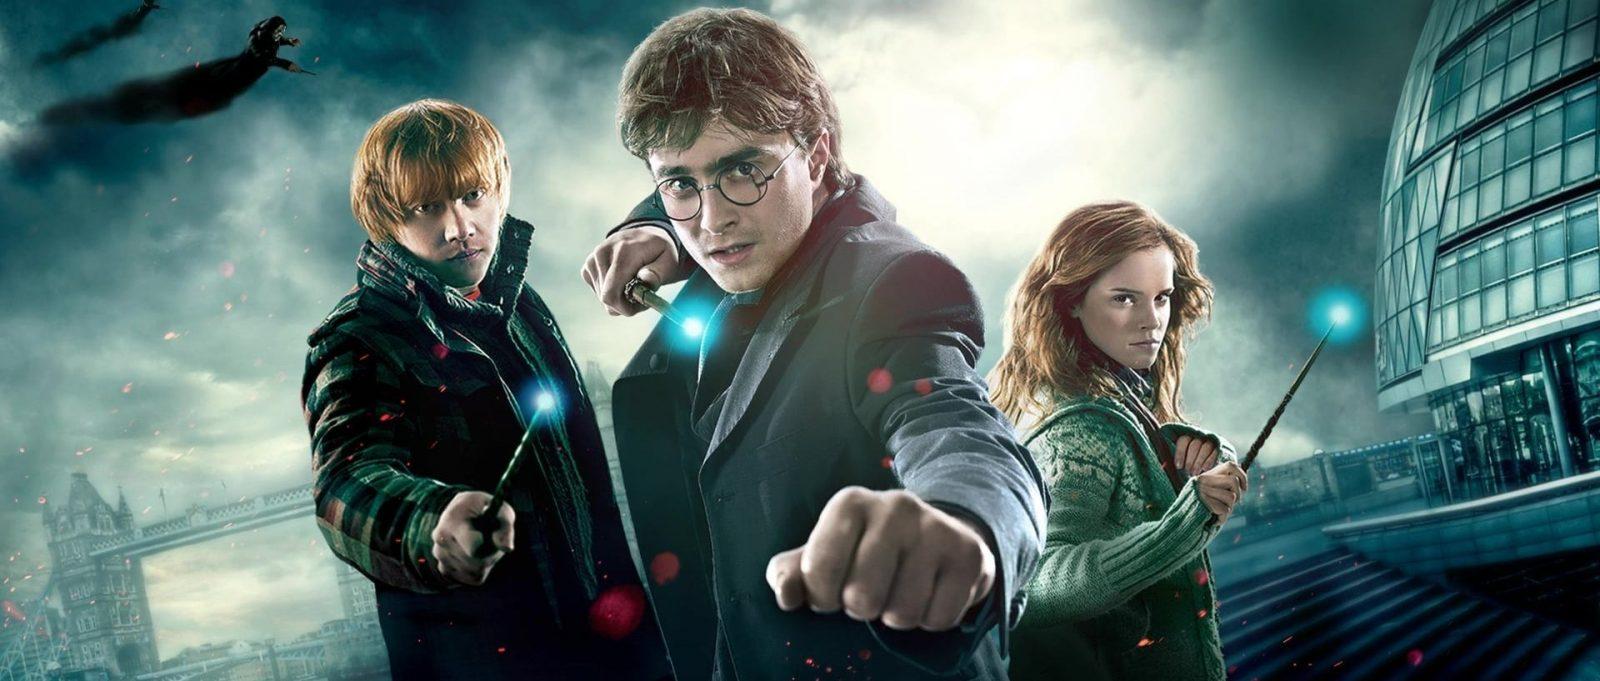 Дэниэл Рэдклифф считает, что перезапуск «Гарри Поттера» неизбежен